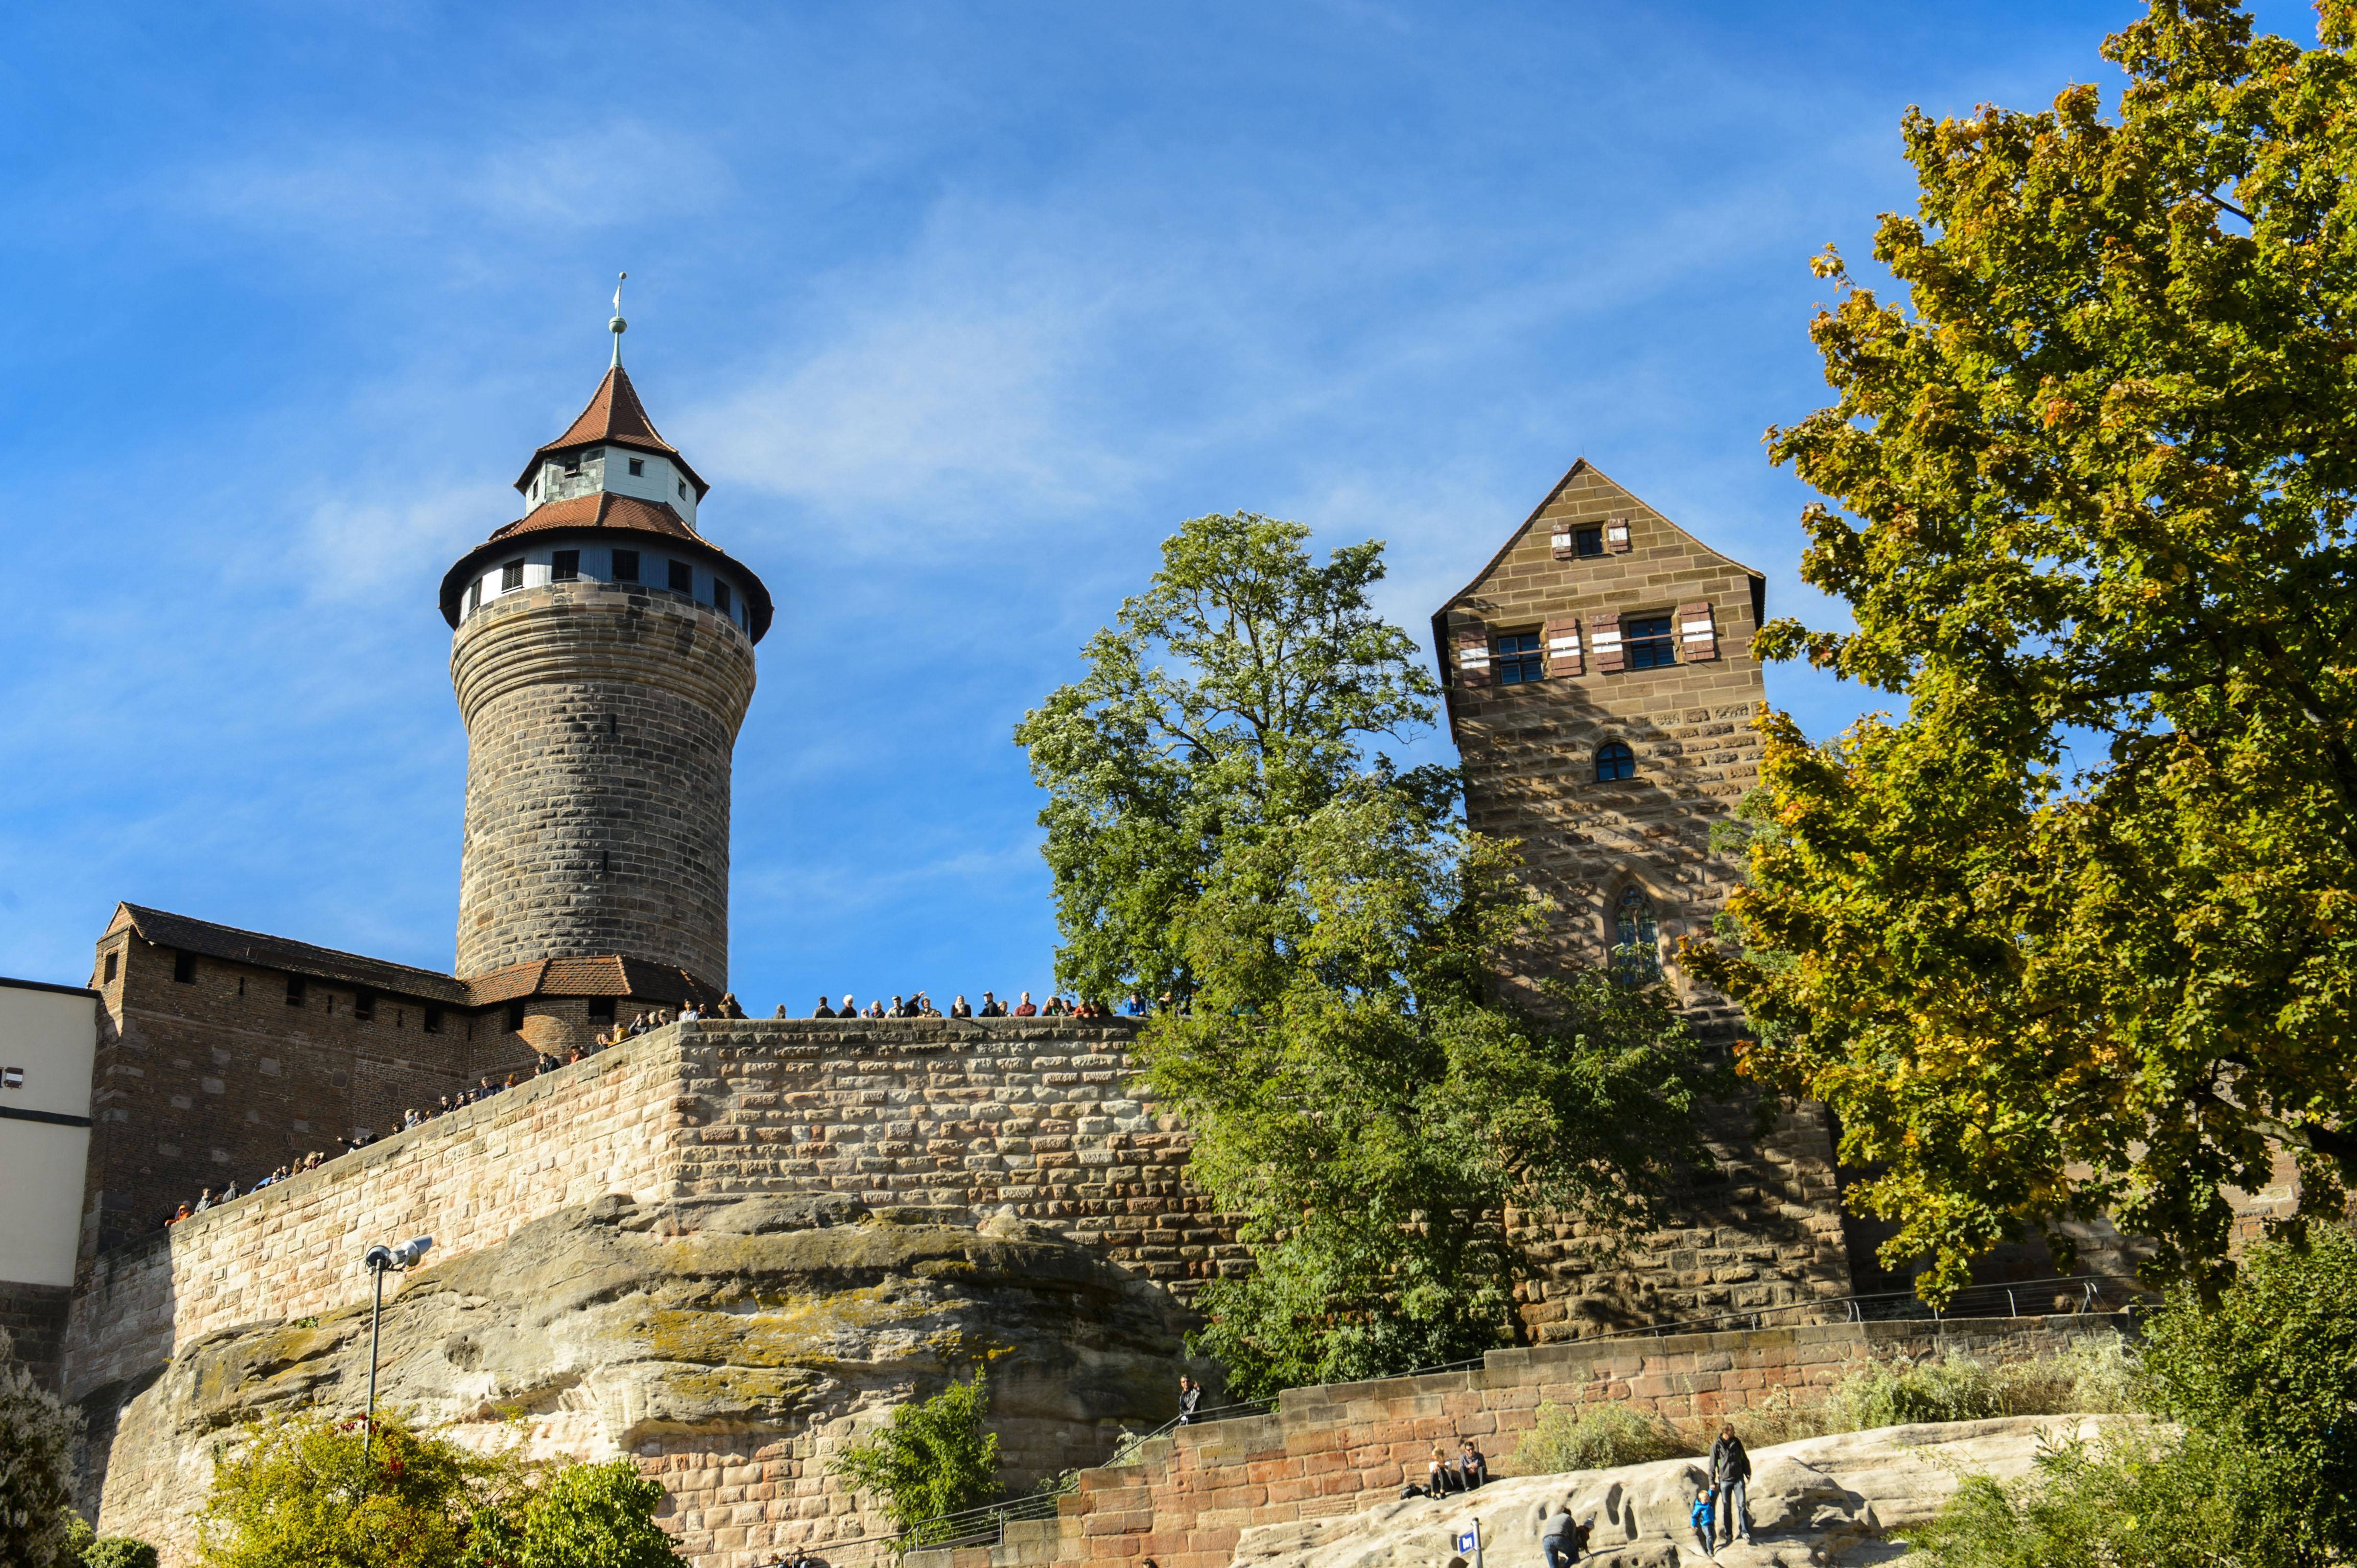 Kaiserburg Nürnberg - Sinwellturm